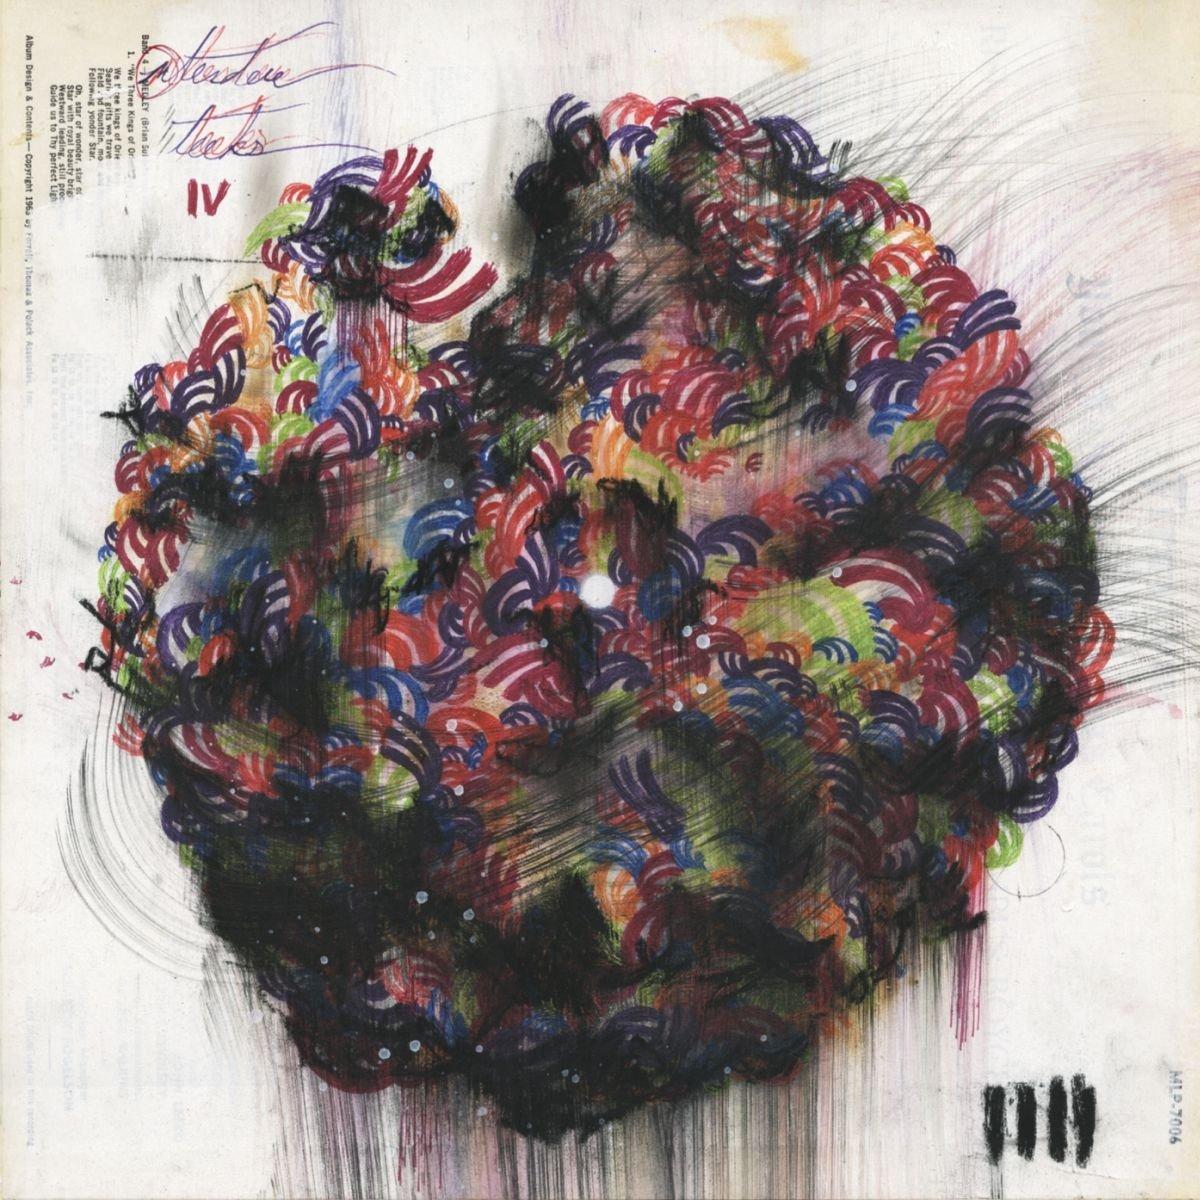 CD : Teebs - Ardour (Digipack Packaging)